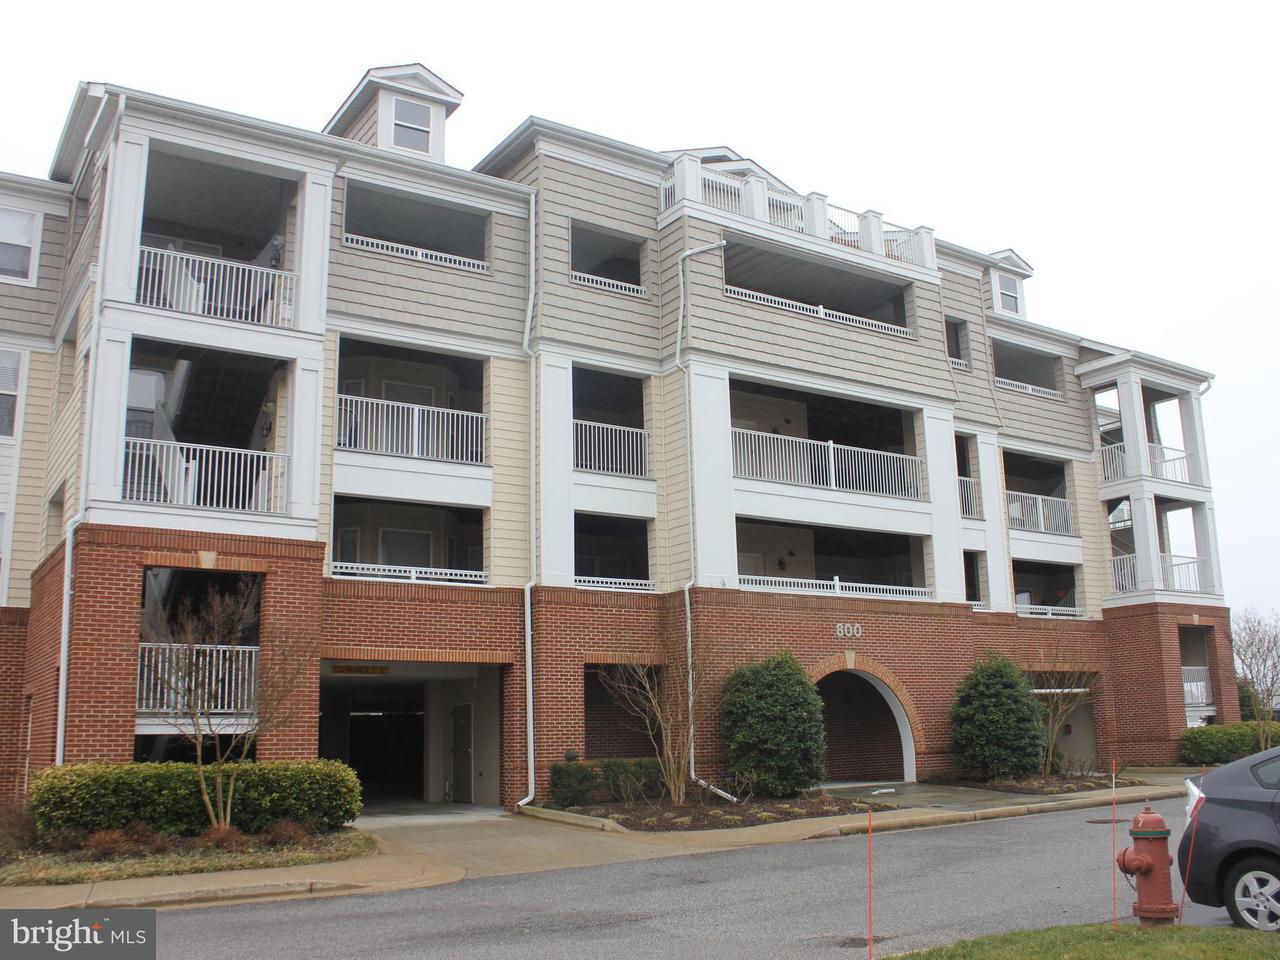 Appartement en copropriété pour l Vente à 821 Oyster Bay Pl #304 821 Oyster Bay Pl #304 Dowell, Maryland 20629 États-Unis